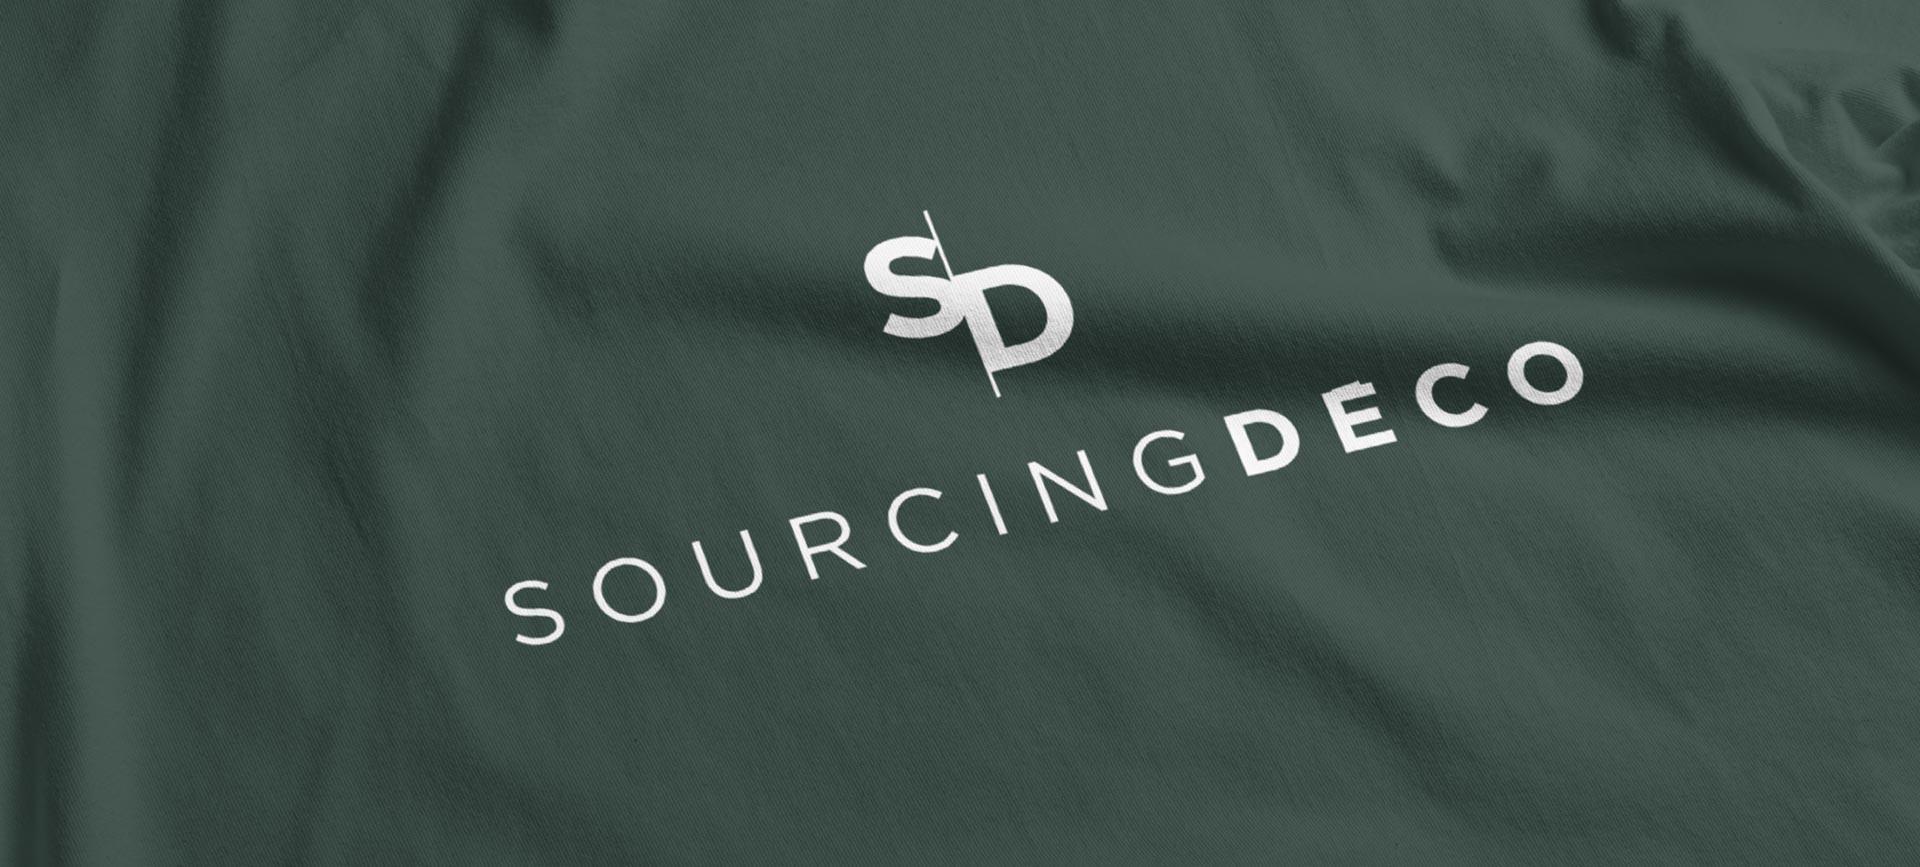 Création del ogo SourcingDéco pour leur nouvelle identité de marque